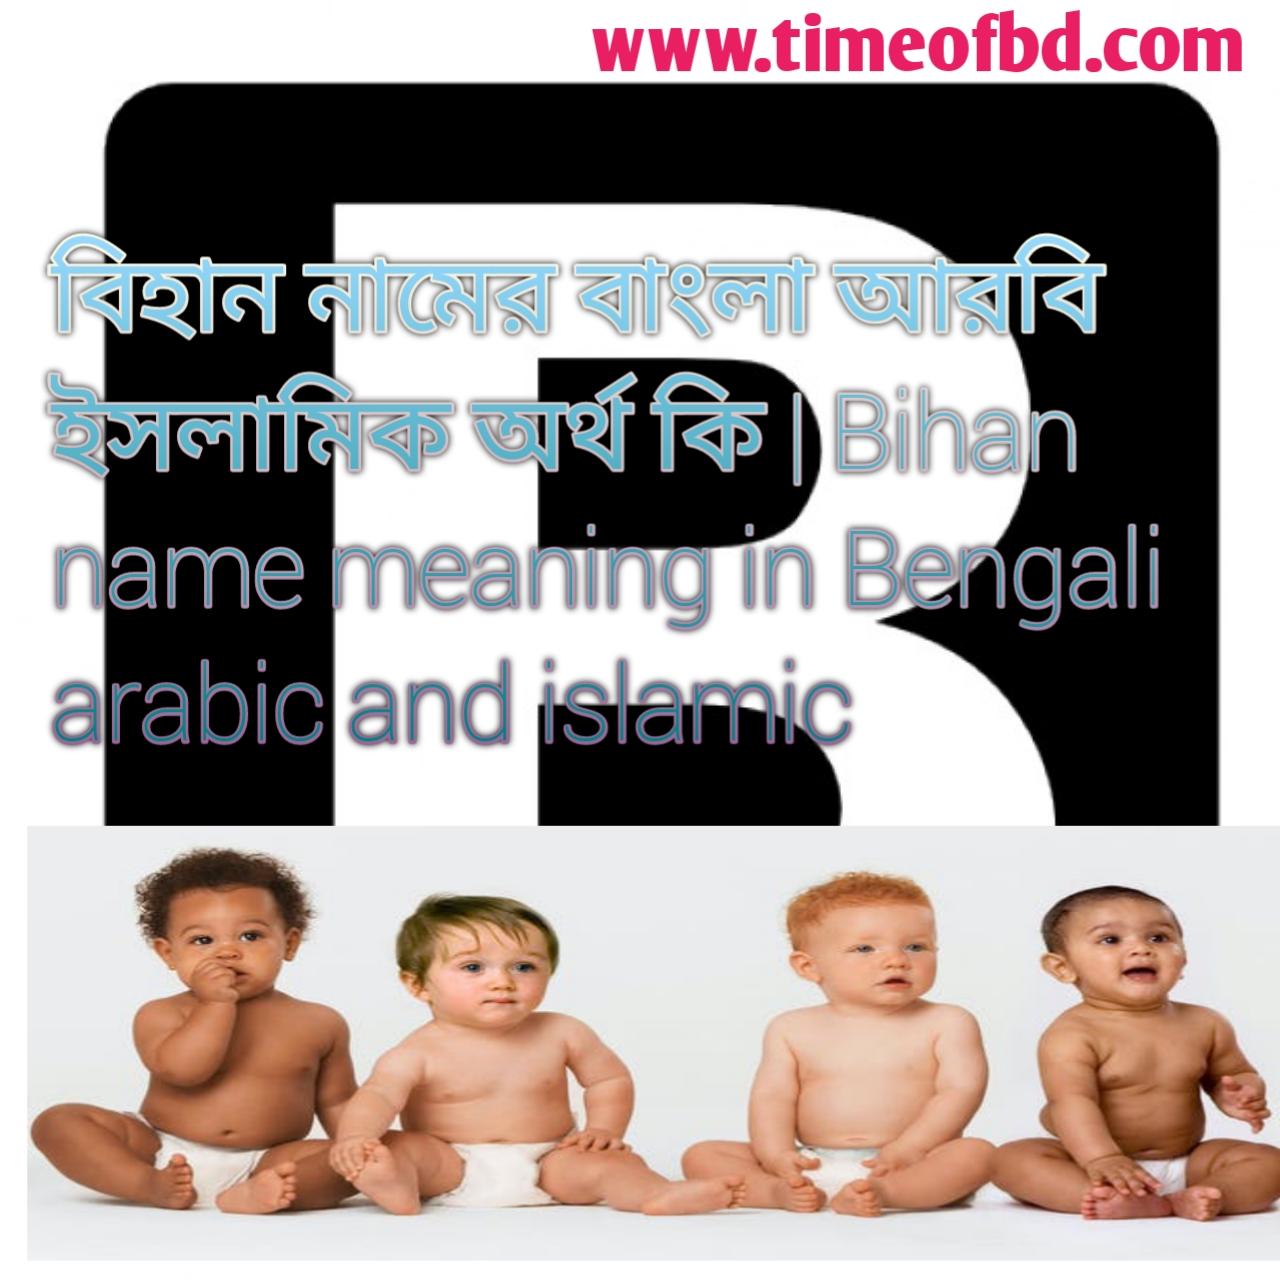 বিহান নামের অর্থ কি, বিহান নামের বাংলা অর্থ কি, বিহান নামের ইসলামিক অর্থ কি, Bihan name meaning in Bengali, বিহান কি ইসলামিক নাম,